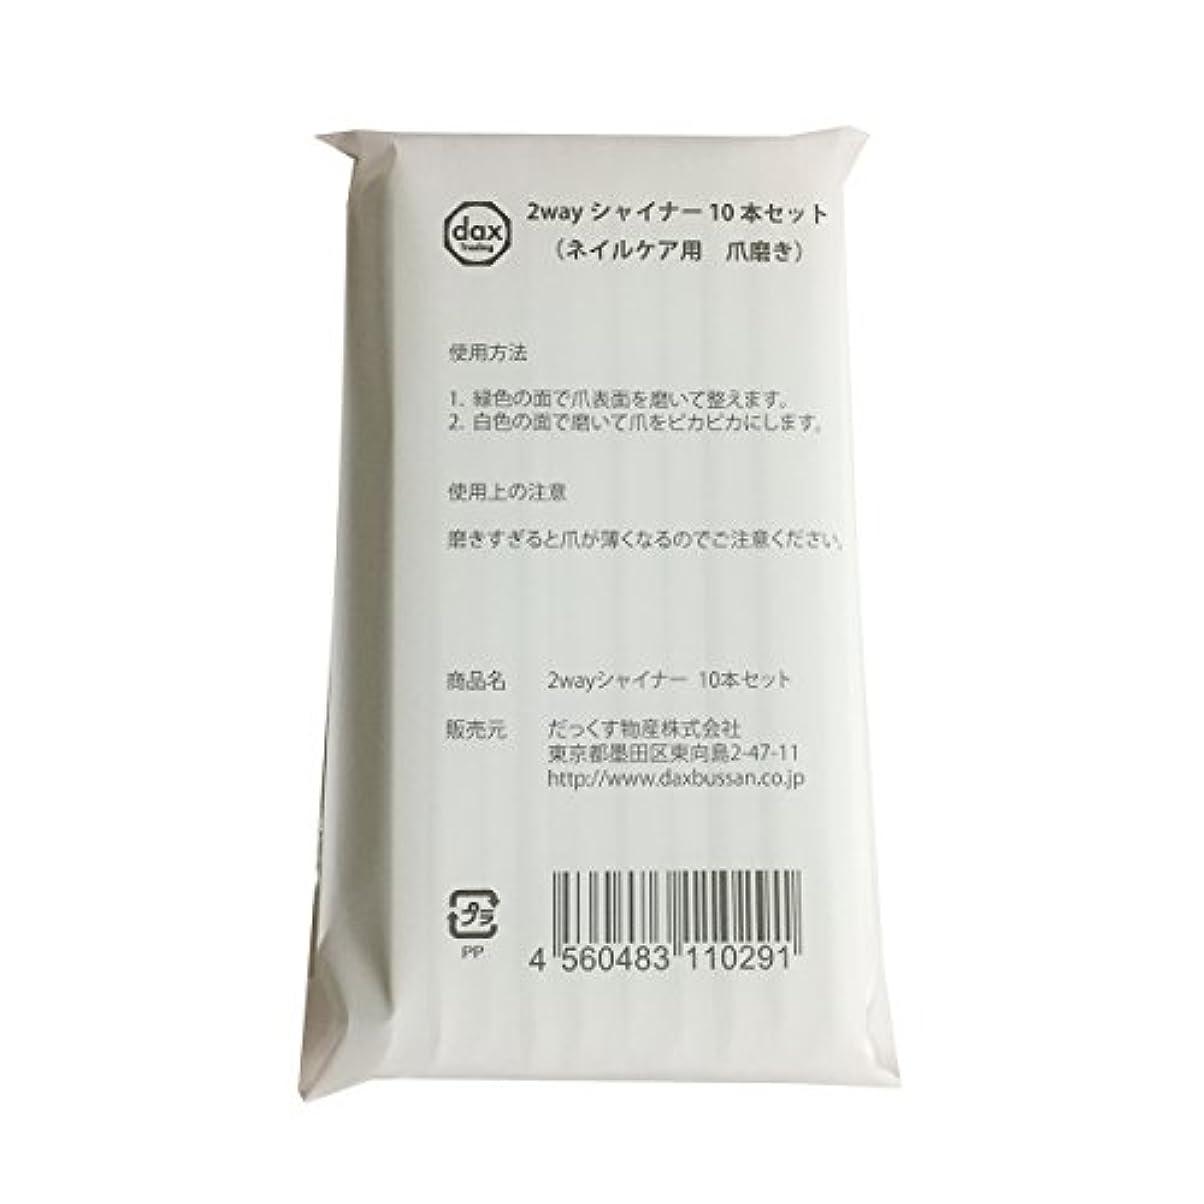 突撃ドル戦艦【だっくす物産】2wayシャイナー 10本セット (ネイルケア用 爪磨き)